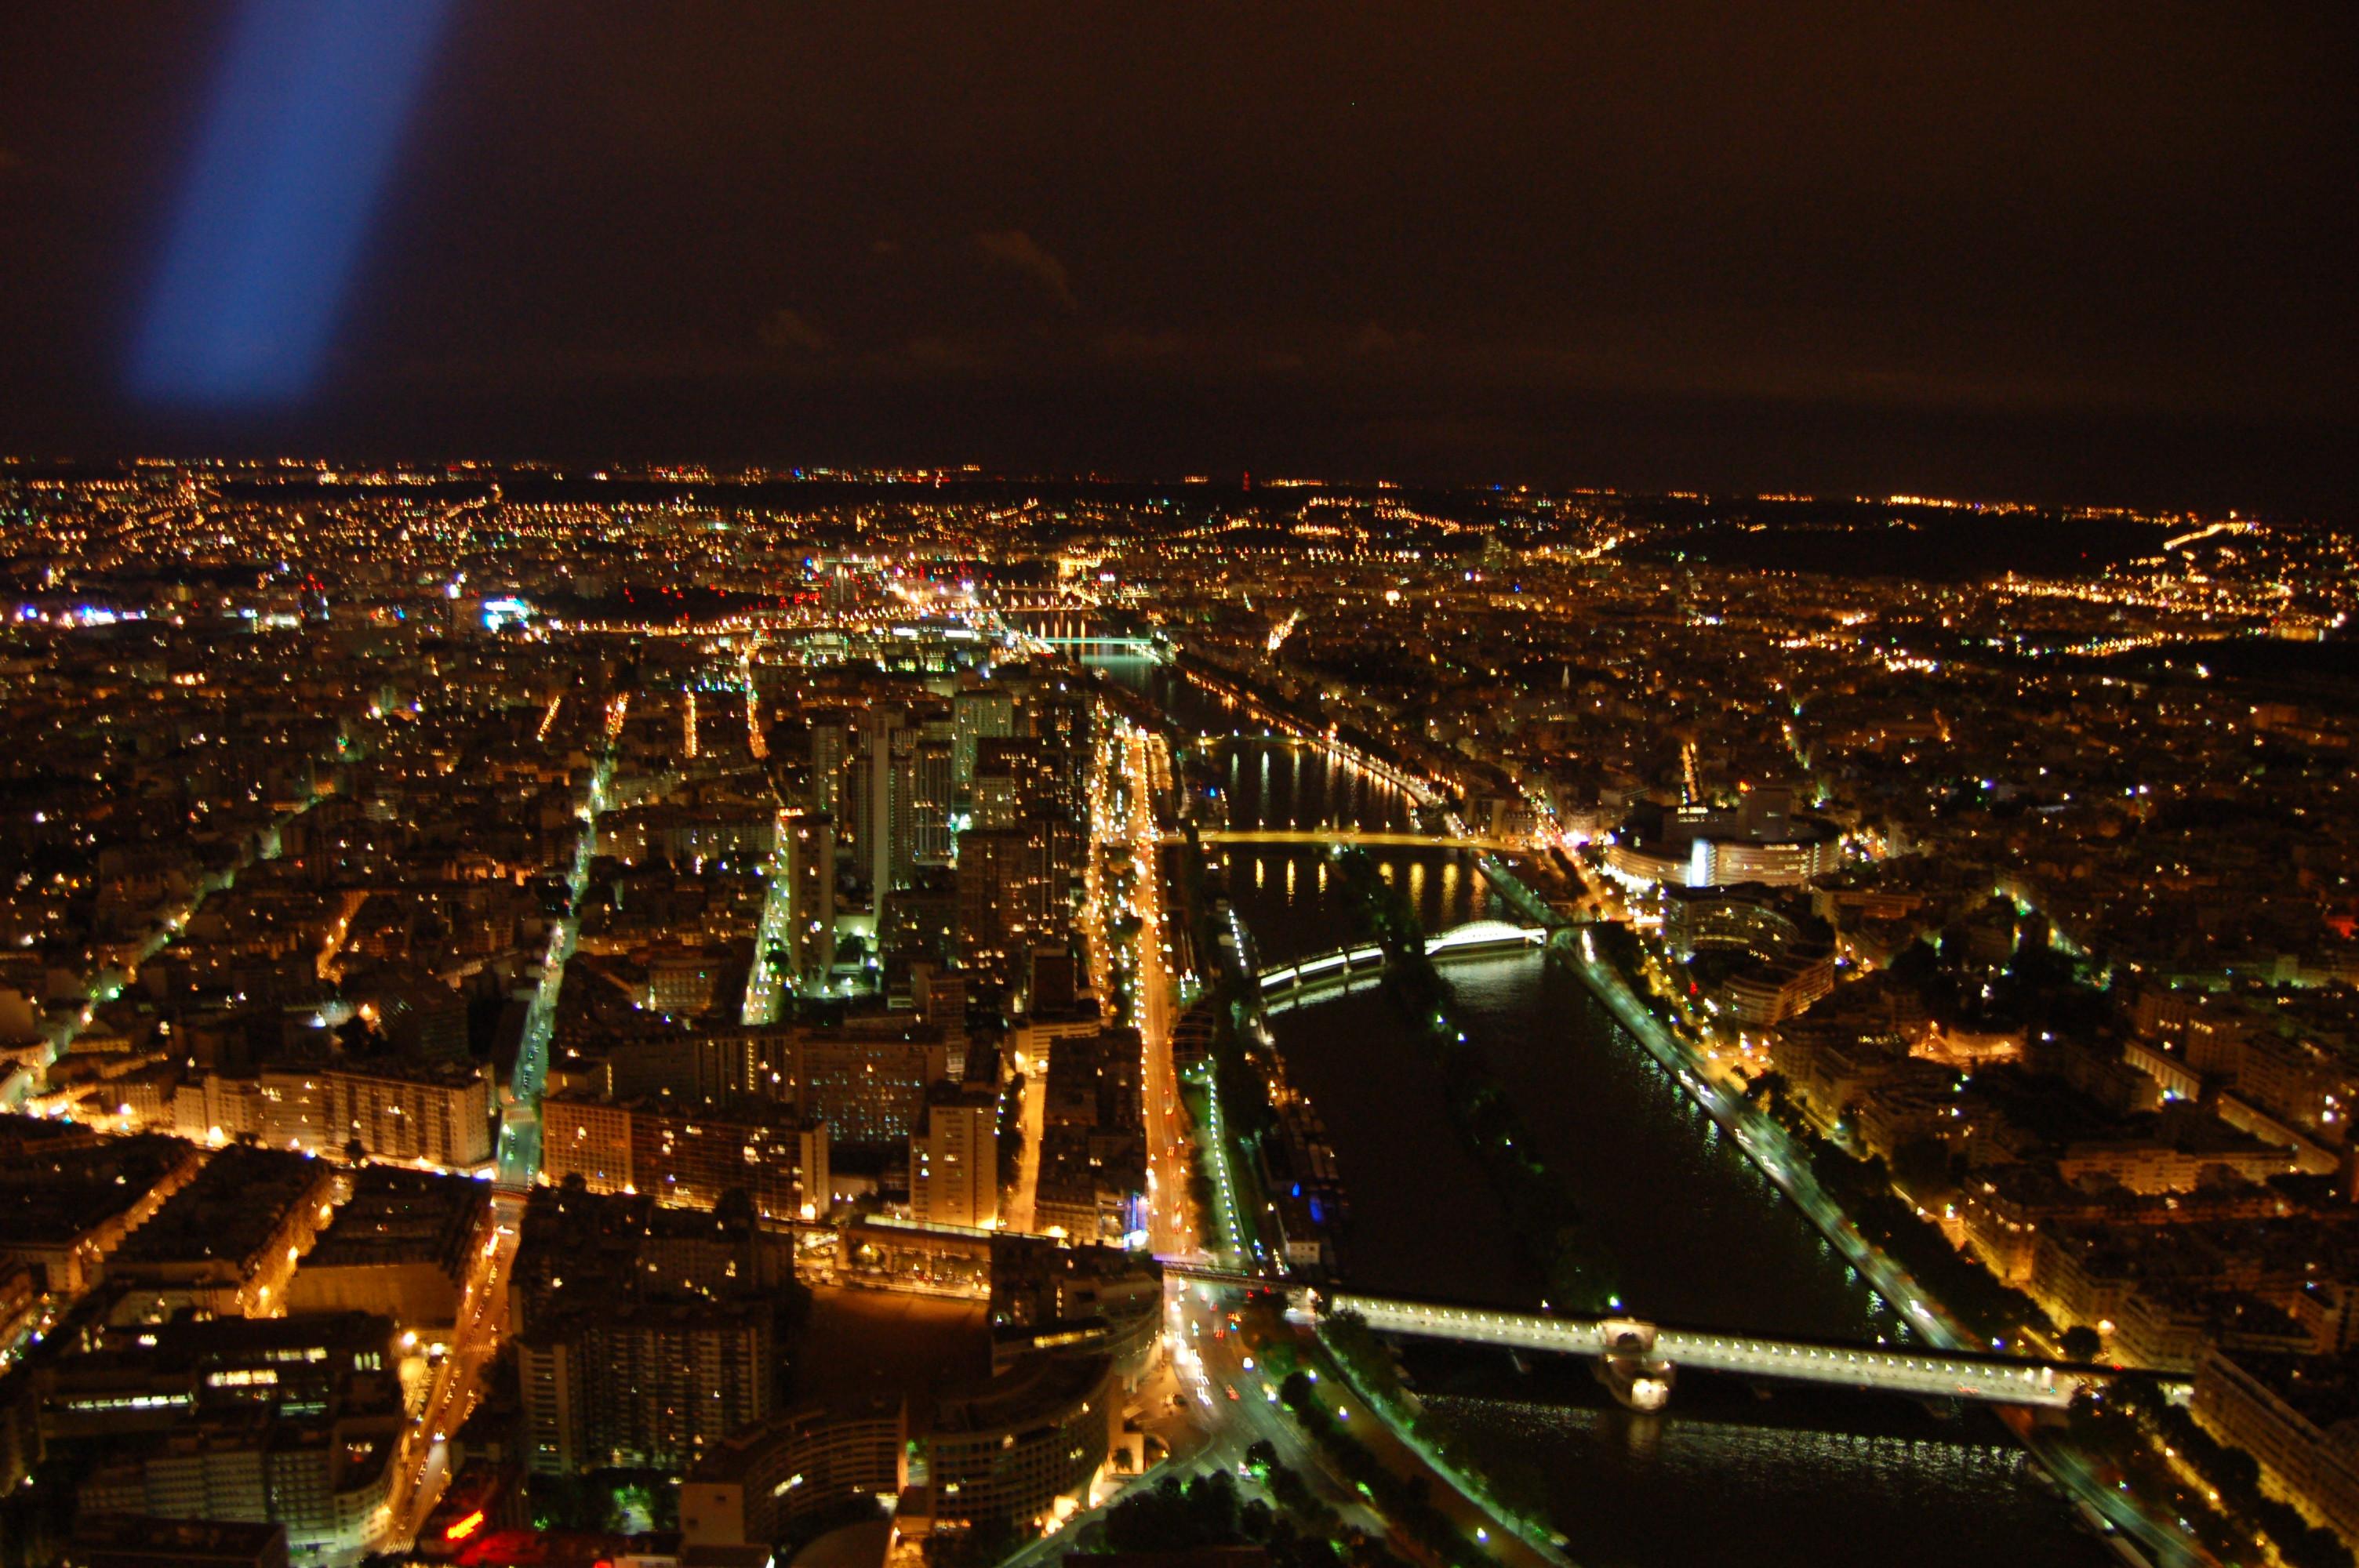 noční pohled z Eiffleovy věže - seina.JPG